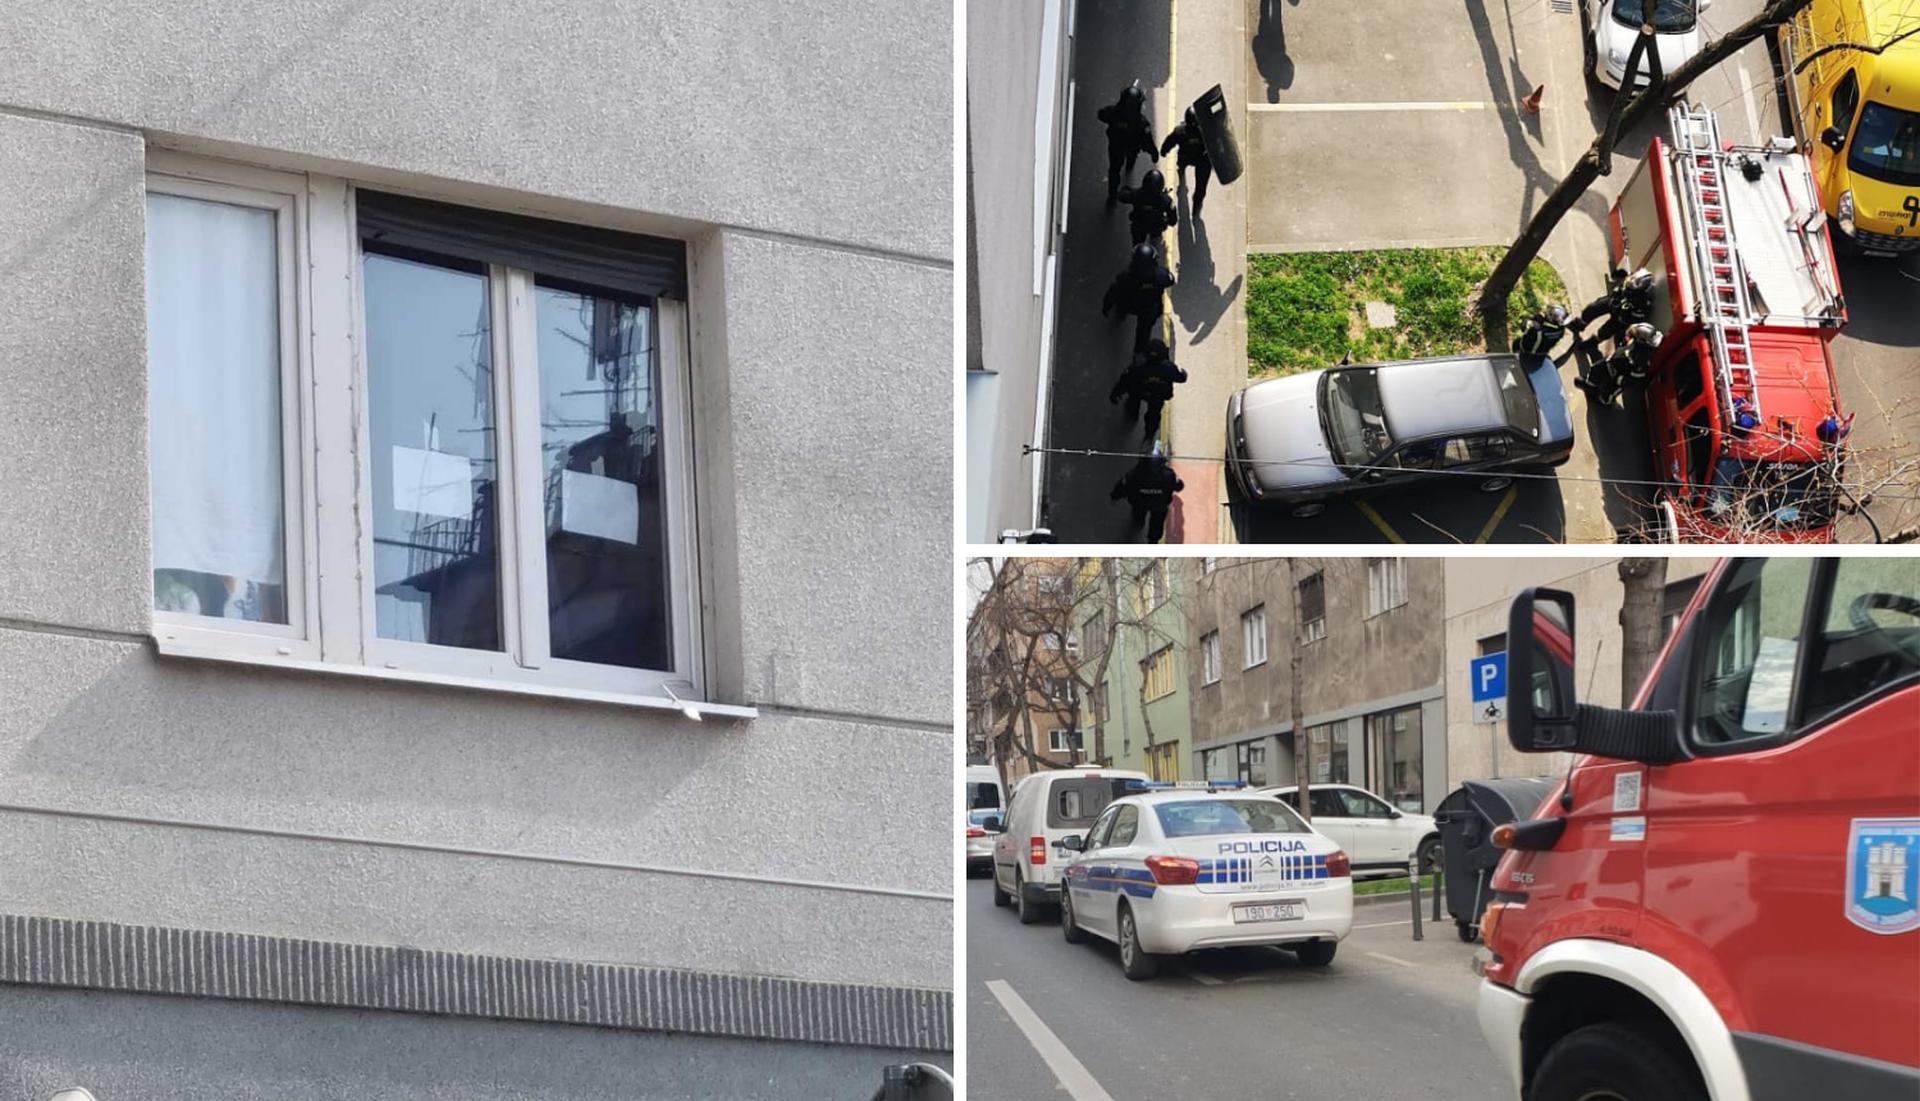 OPSADNO STANJE U ZGRADI BIVŠE PREDSJEDNICE HRVATSKE: Sve je bilo puno specijalaca, stigli i snajperisti: Žena zaključana u stanu prijetila bombama!